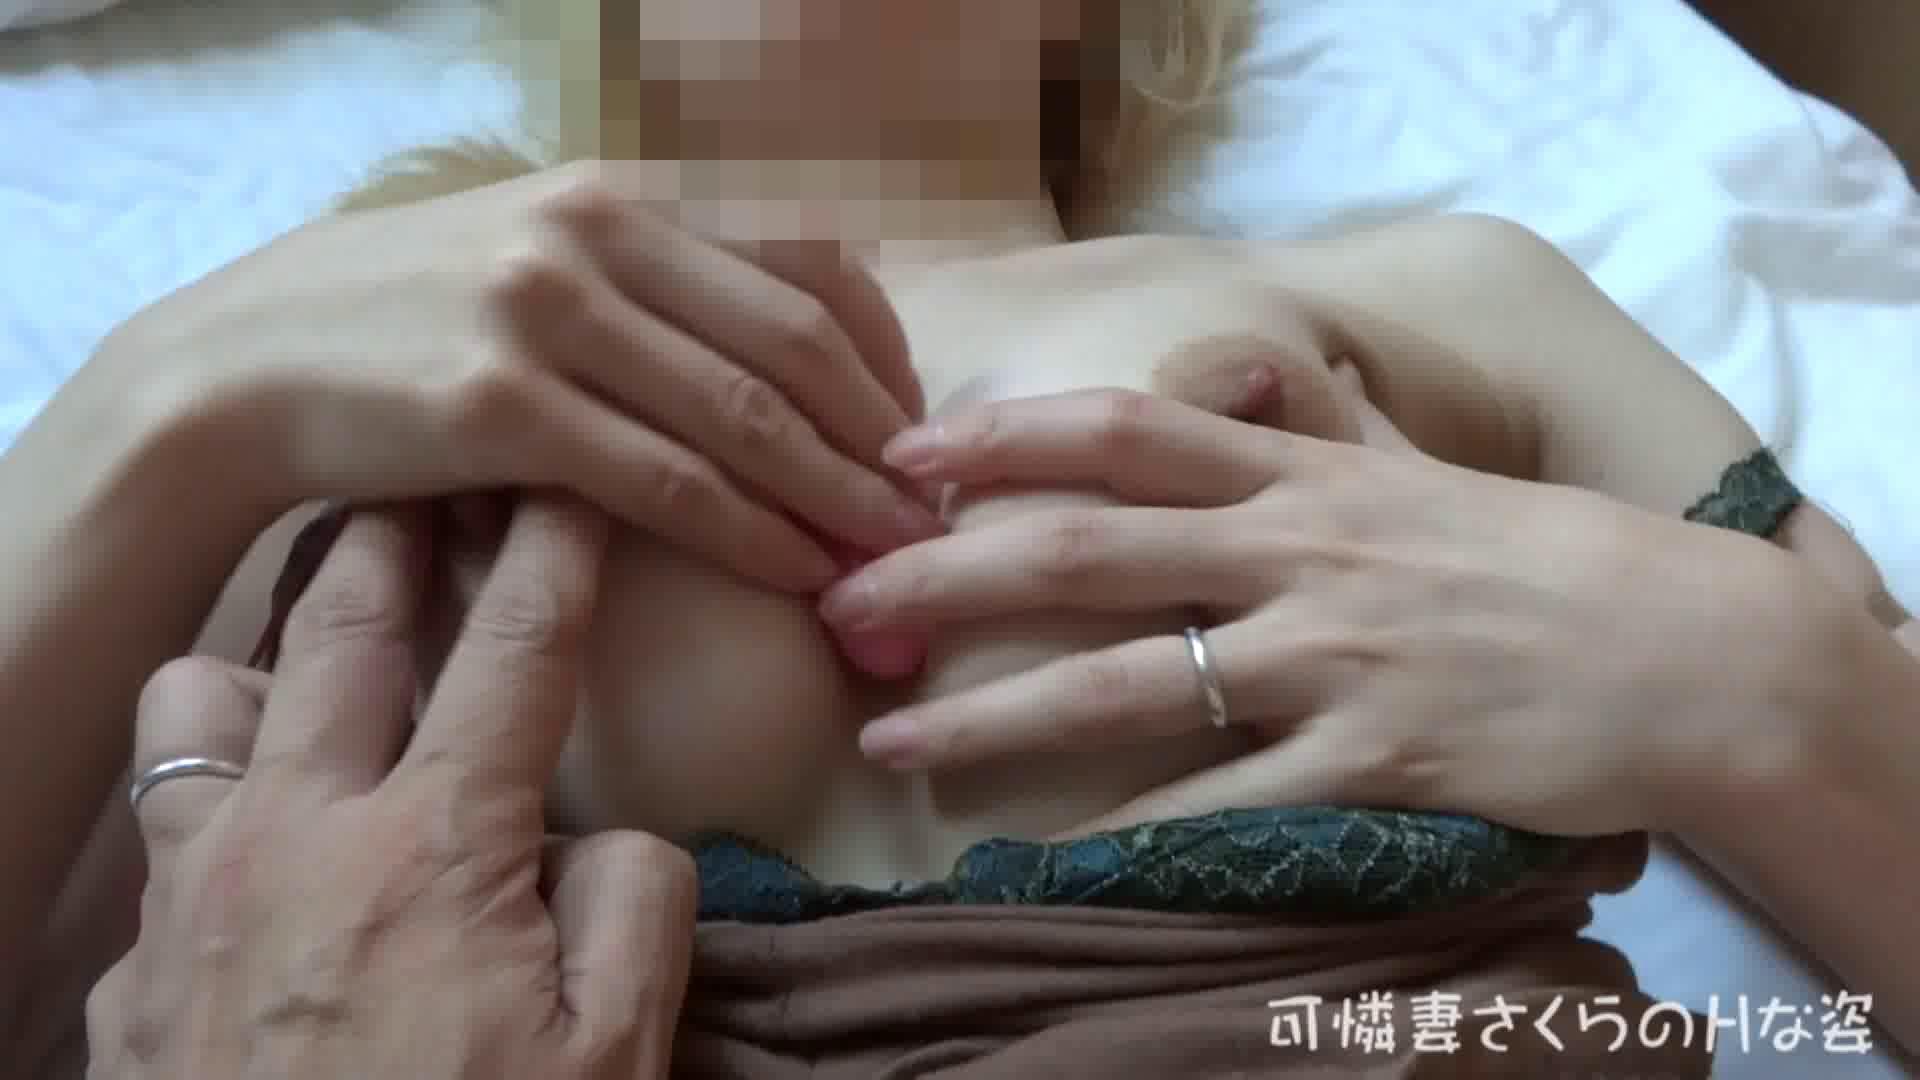 可憐妻さくらのHな姿vol.18 淫乱 ヌード画像 96pic 69